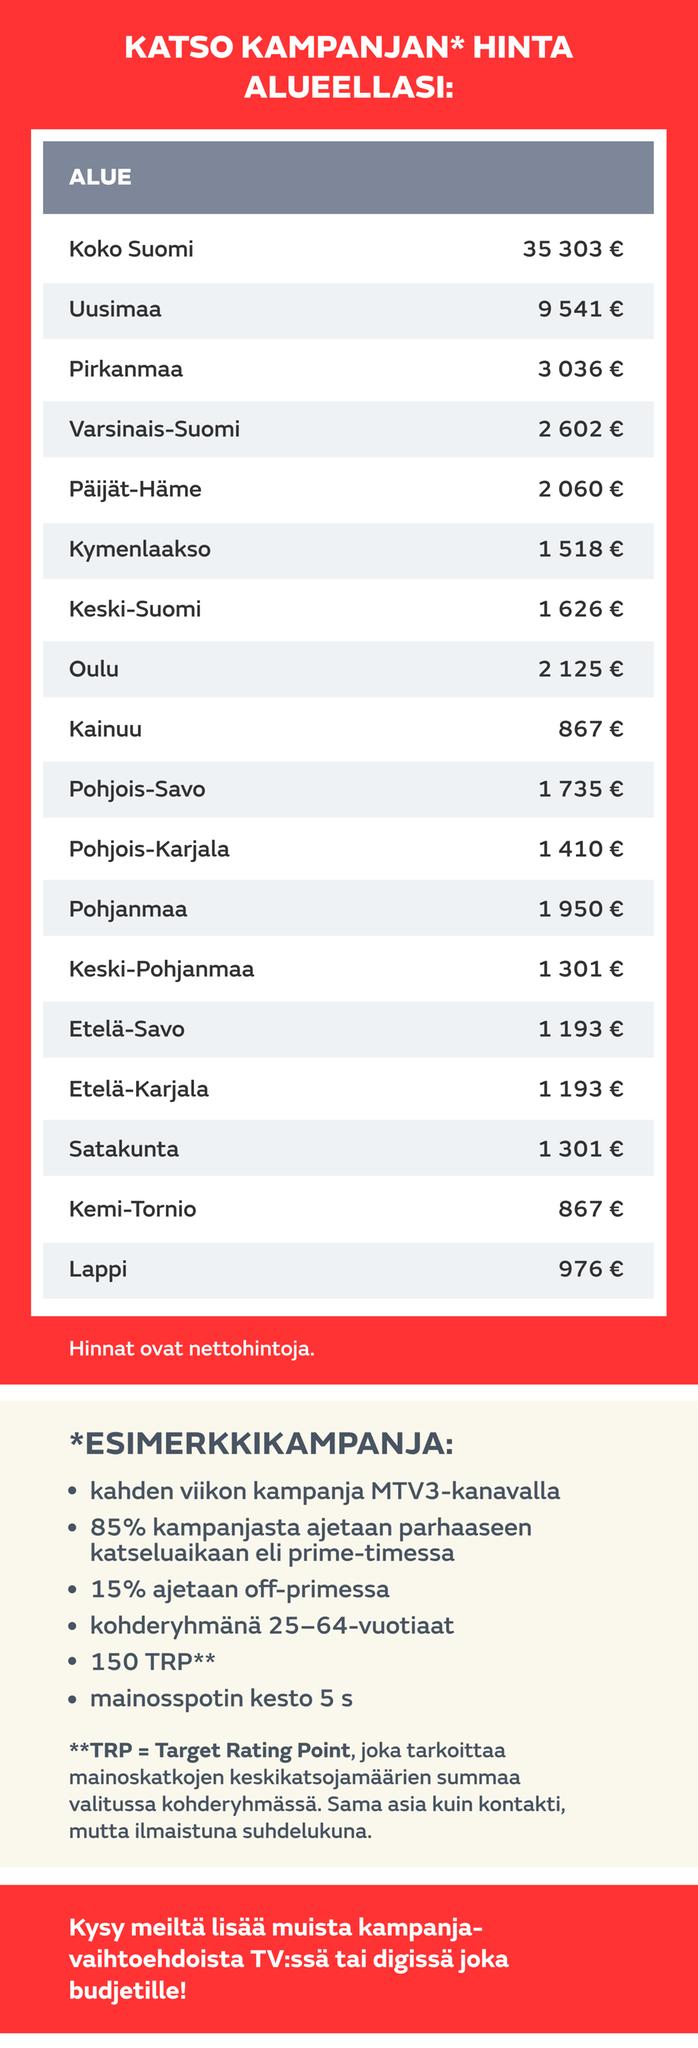 Paikallisen mainonnan hinnasto 2019